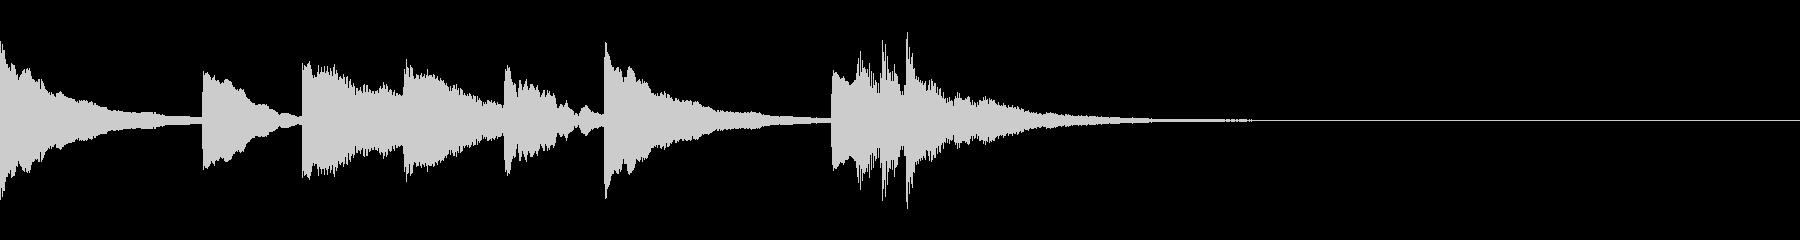 ほのぼの可愛いマリンバの3秒ジングルの未再生の波形